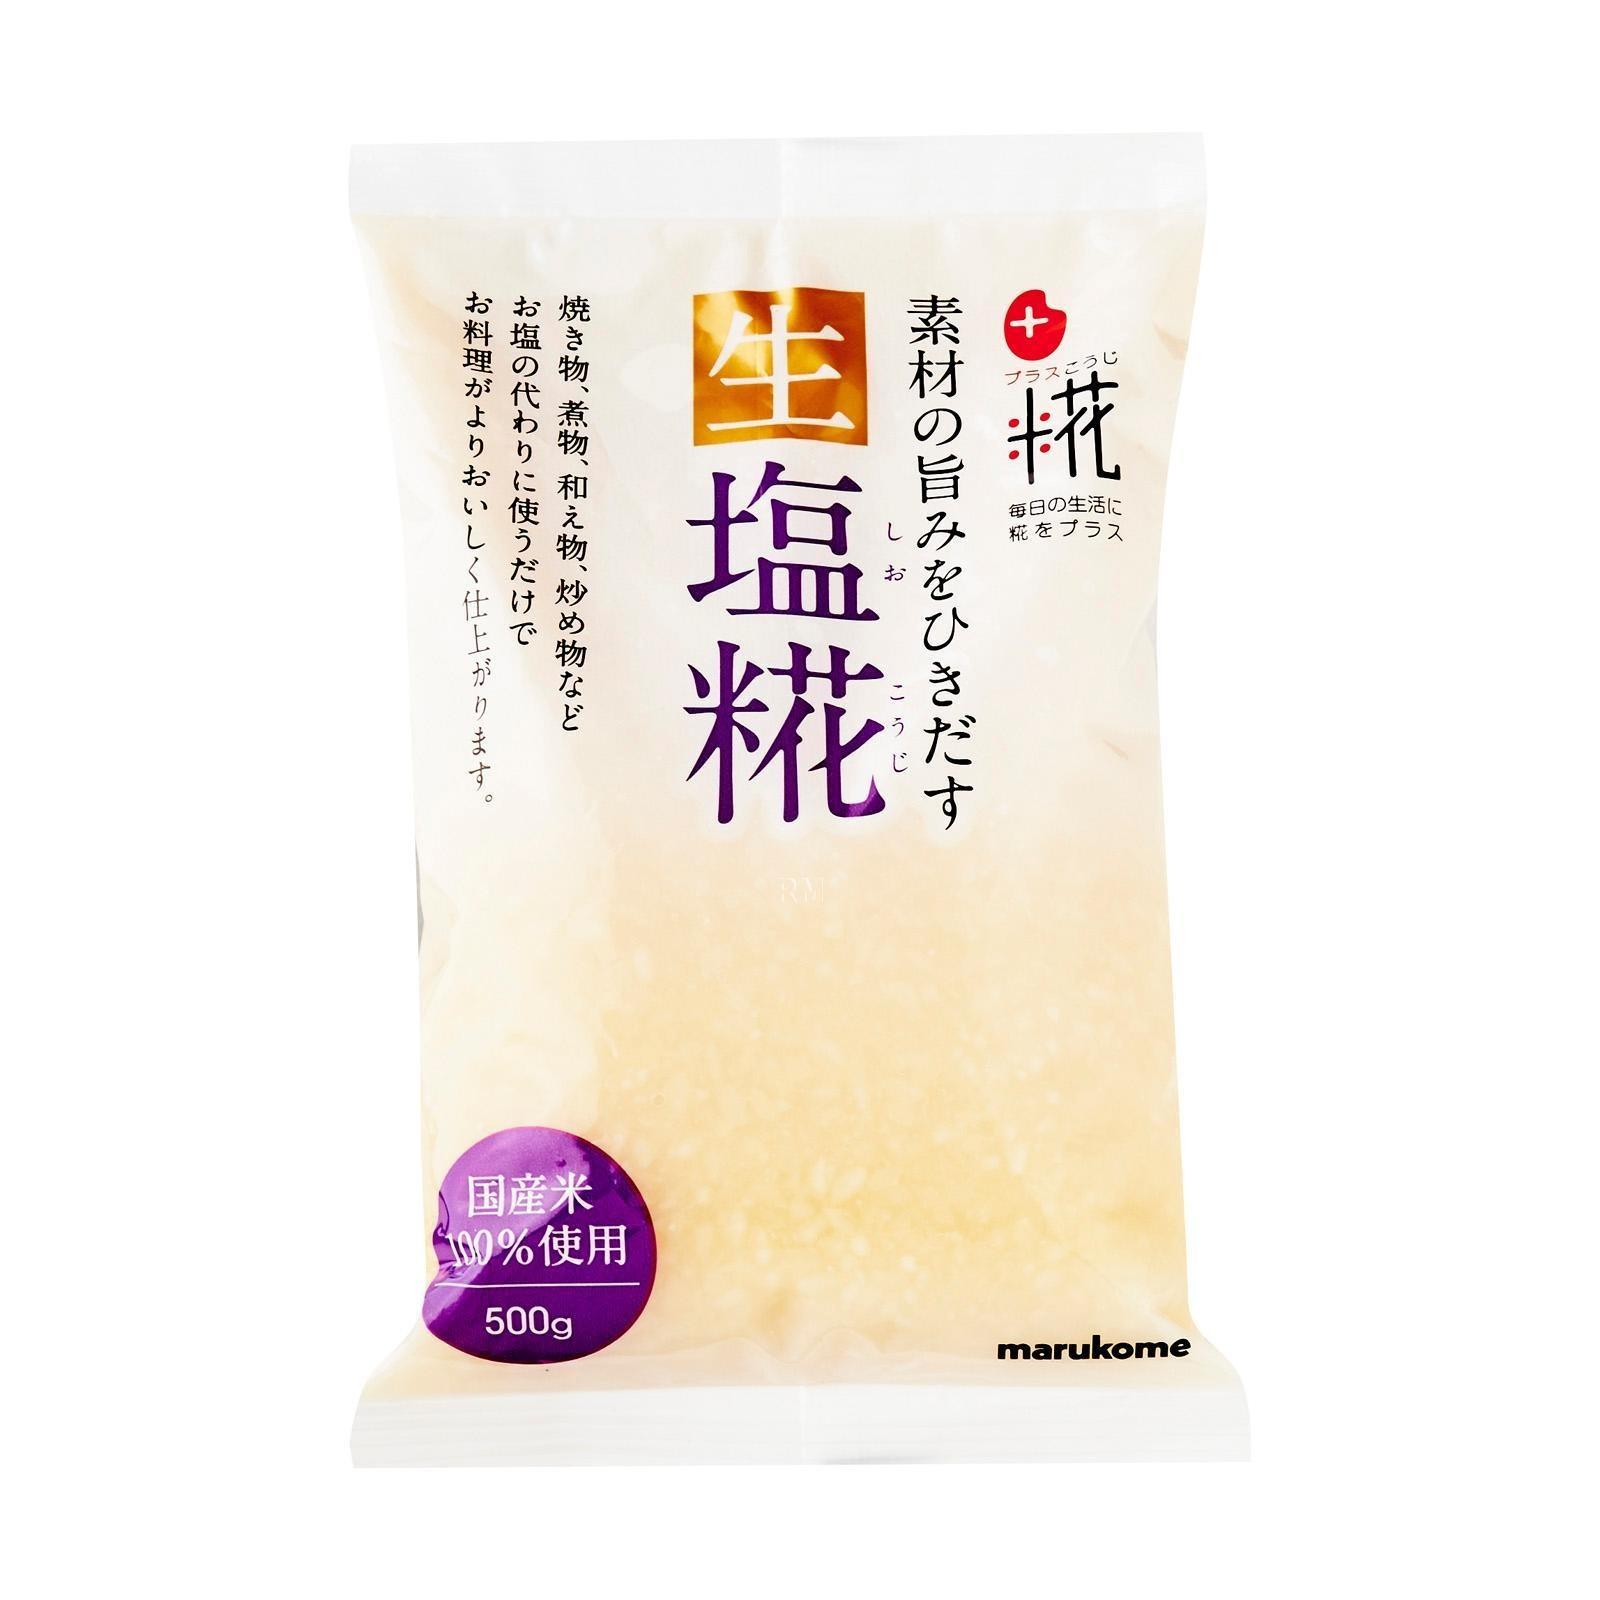 Marukome Japan Shio Koji Fermented Rice Yeast Seasoning